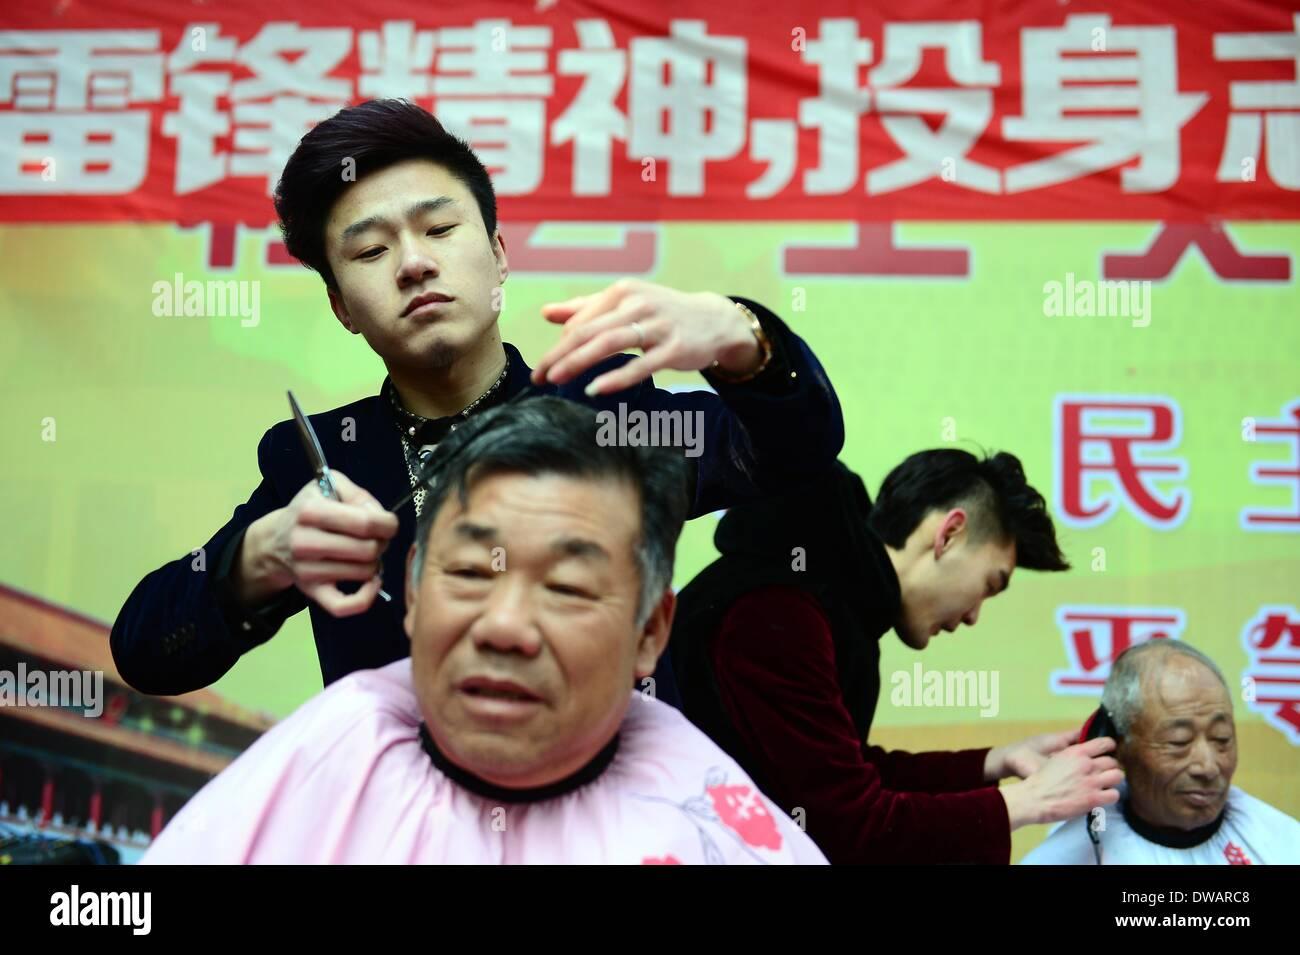 """Weihai, soldato cinese negli anni sessanta. Il 15 agosto, 1962. Un volontario offre gratuitamente il servizio di acconciatura per un uomo vecchio nella città di Weihai, est della Cina di Provincia di Shandong, 5 marzo 2014, in occasione della """"Lei Feng's Day"""", che cade il 5 marzo di ogni anno. Lei, un giovane soldato cinese negli anni sessanta, è noto per aver dedicato quasi tutto il suo tempo di ricambio e denaro per aiutare disinteressatamente i bisognosi. Egli è morto dopo essere stato colpito da una caduta di pole mentre aiutando un compagno soldato dirigere un carrello su 15 Agosto 1962. Credito: Guo Xulei/Xinhua/Alamy Live News Immagini Stock"""